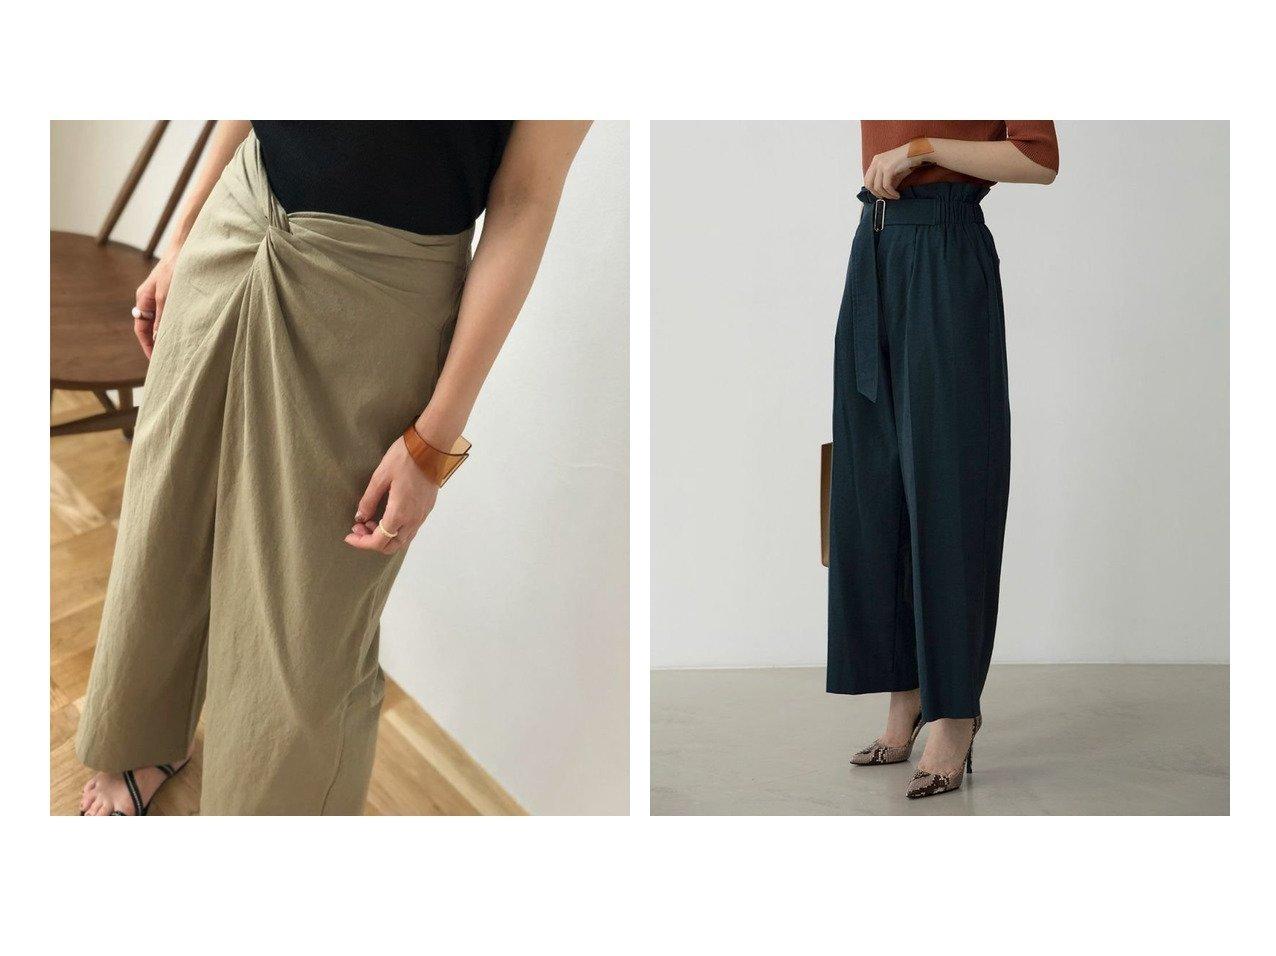 【marjour/マージュール】のmarjourフロントツイストパンツ FRONT TWIST PANTS&marjourリネンブレンドハイウエストパンツ LINEN BLEND HIGH WEAST PANTS マージュールのおすすめ!人気、トレンド・レディースファッションの通販 おすすめで人気の流行・トレンド、ファッションの通販商品 メンズファッション・キッズファッション・インテリア・家具・レディースファッション・服の通販 founy(ファニー) https://founy.com/ ファッション Fashion レディースファッション WOMEN パンツ Pants ツイスト リラックス ワイド 楽ちん ジップ セットアップ フィット ベスト リネン ルーズ レギンス 秋 Autumn/Fall |ID:crp329100000021535